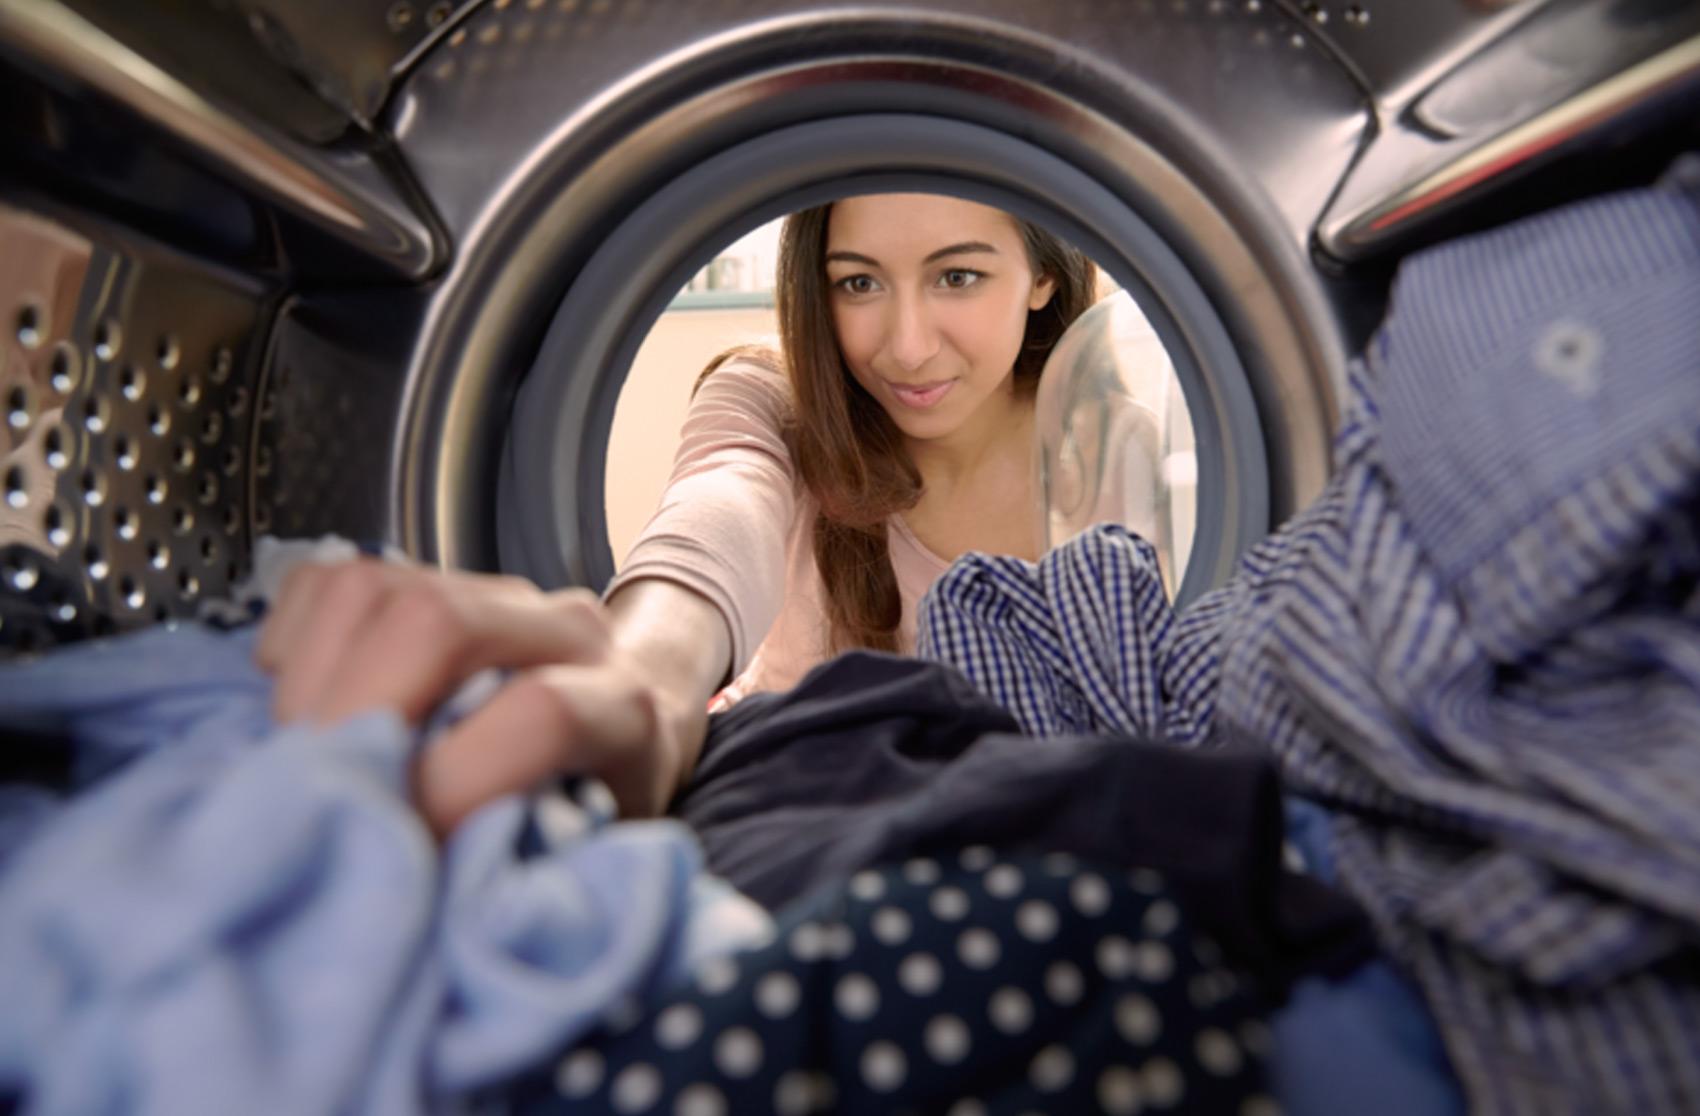 Lugar de roupa do dia a dia é na lavanderia